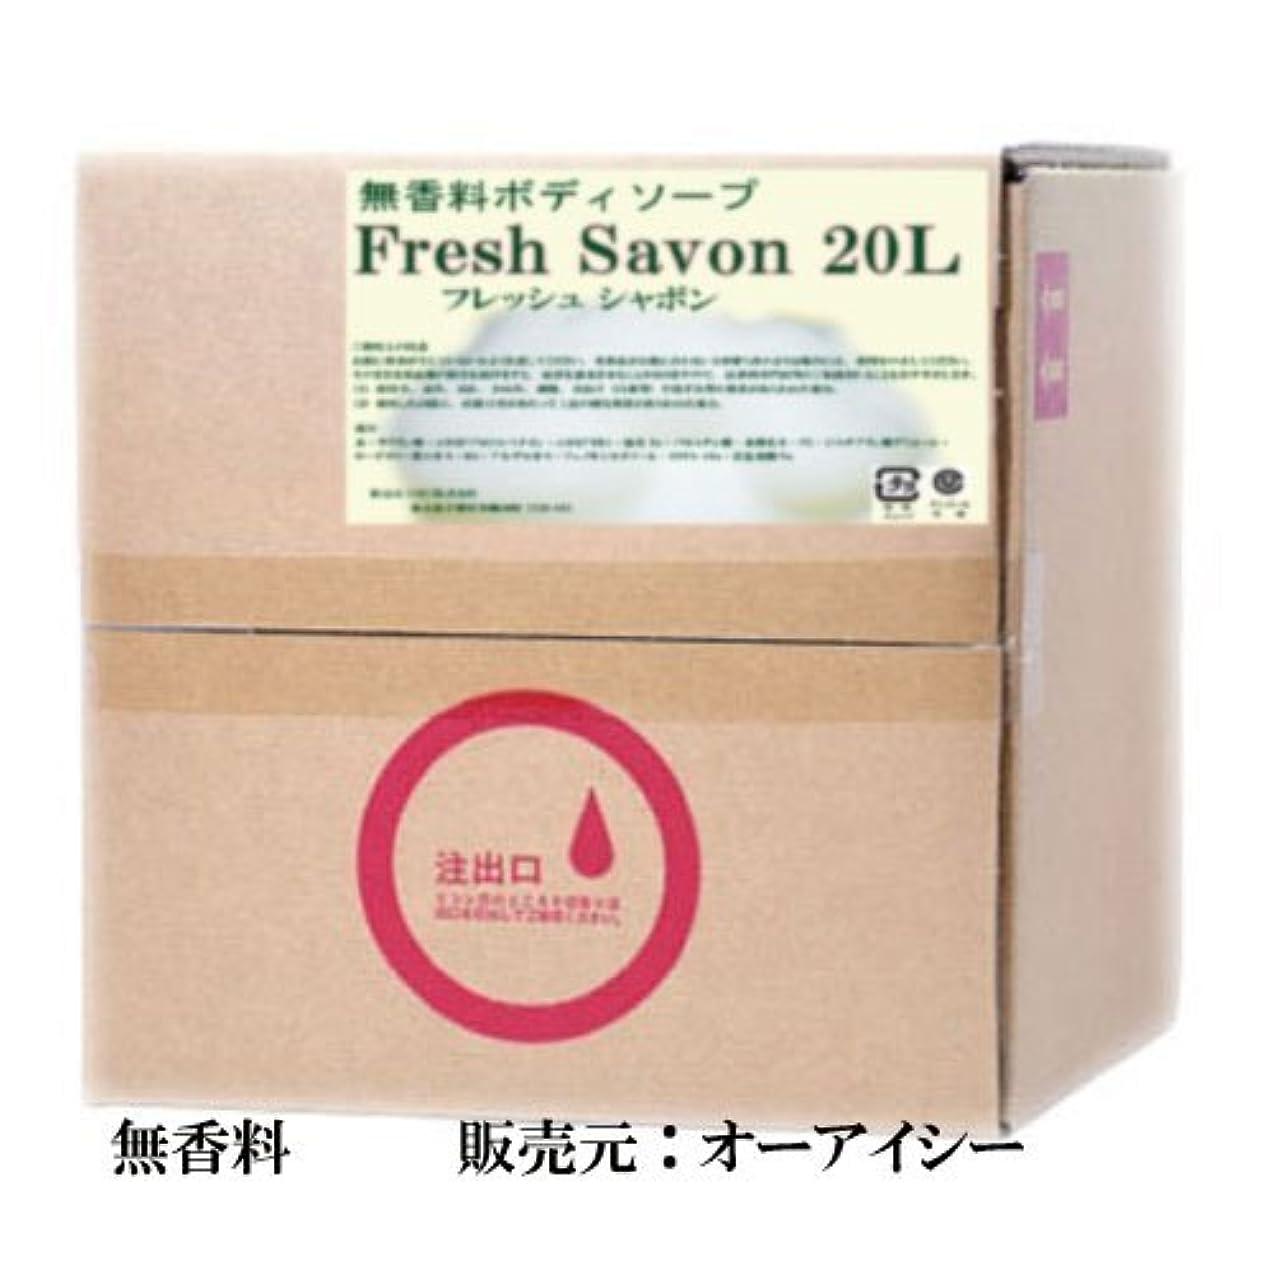 許可するいたずらなビュッフェ業務用 無香料 ボディソープ フレッシュシャボン 20L (販売元:オーアイシー) (ホワイト(コック付属))